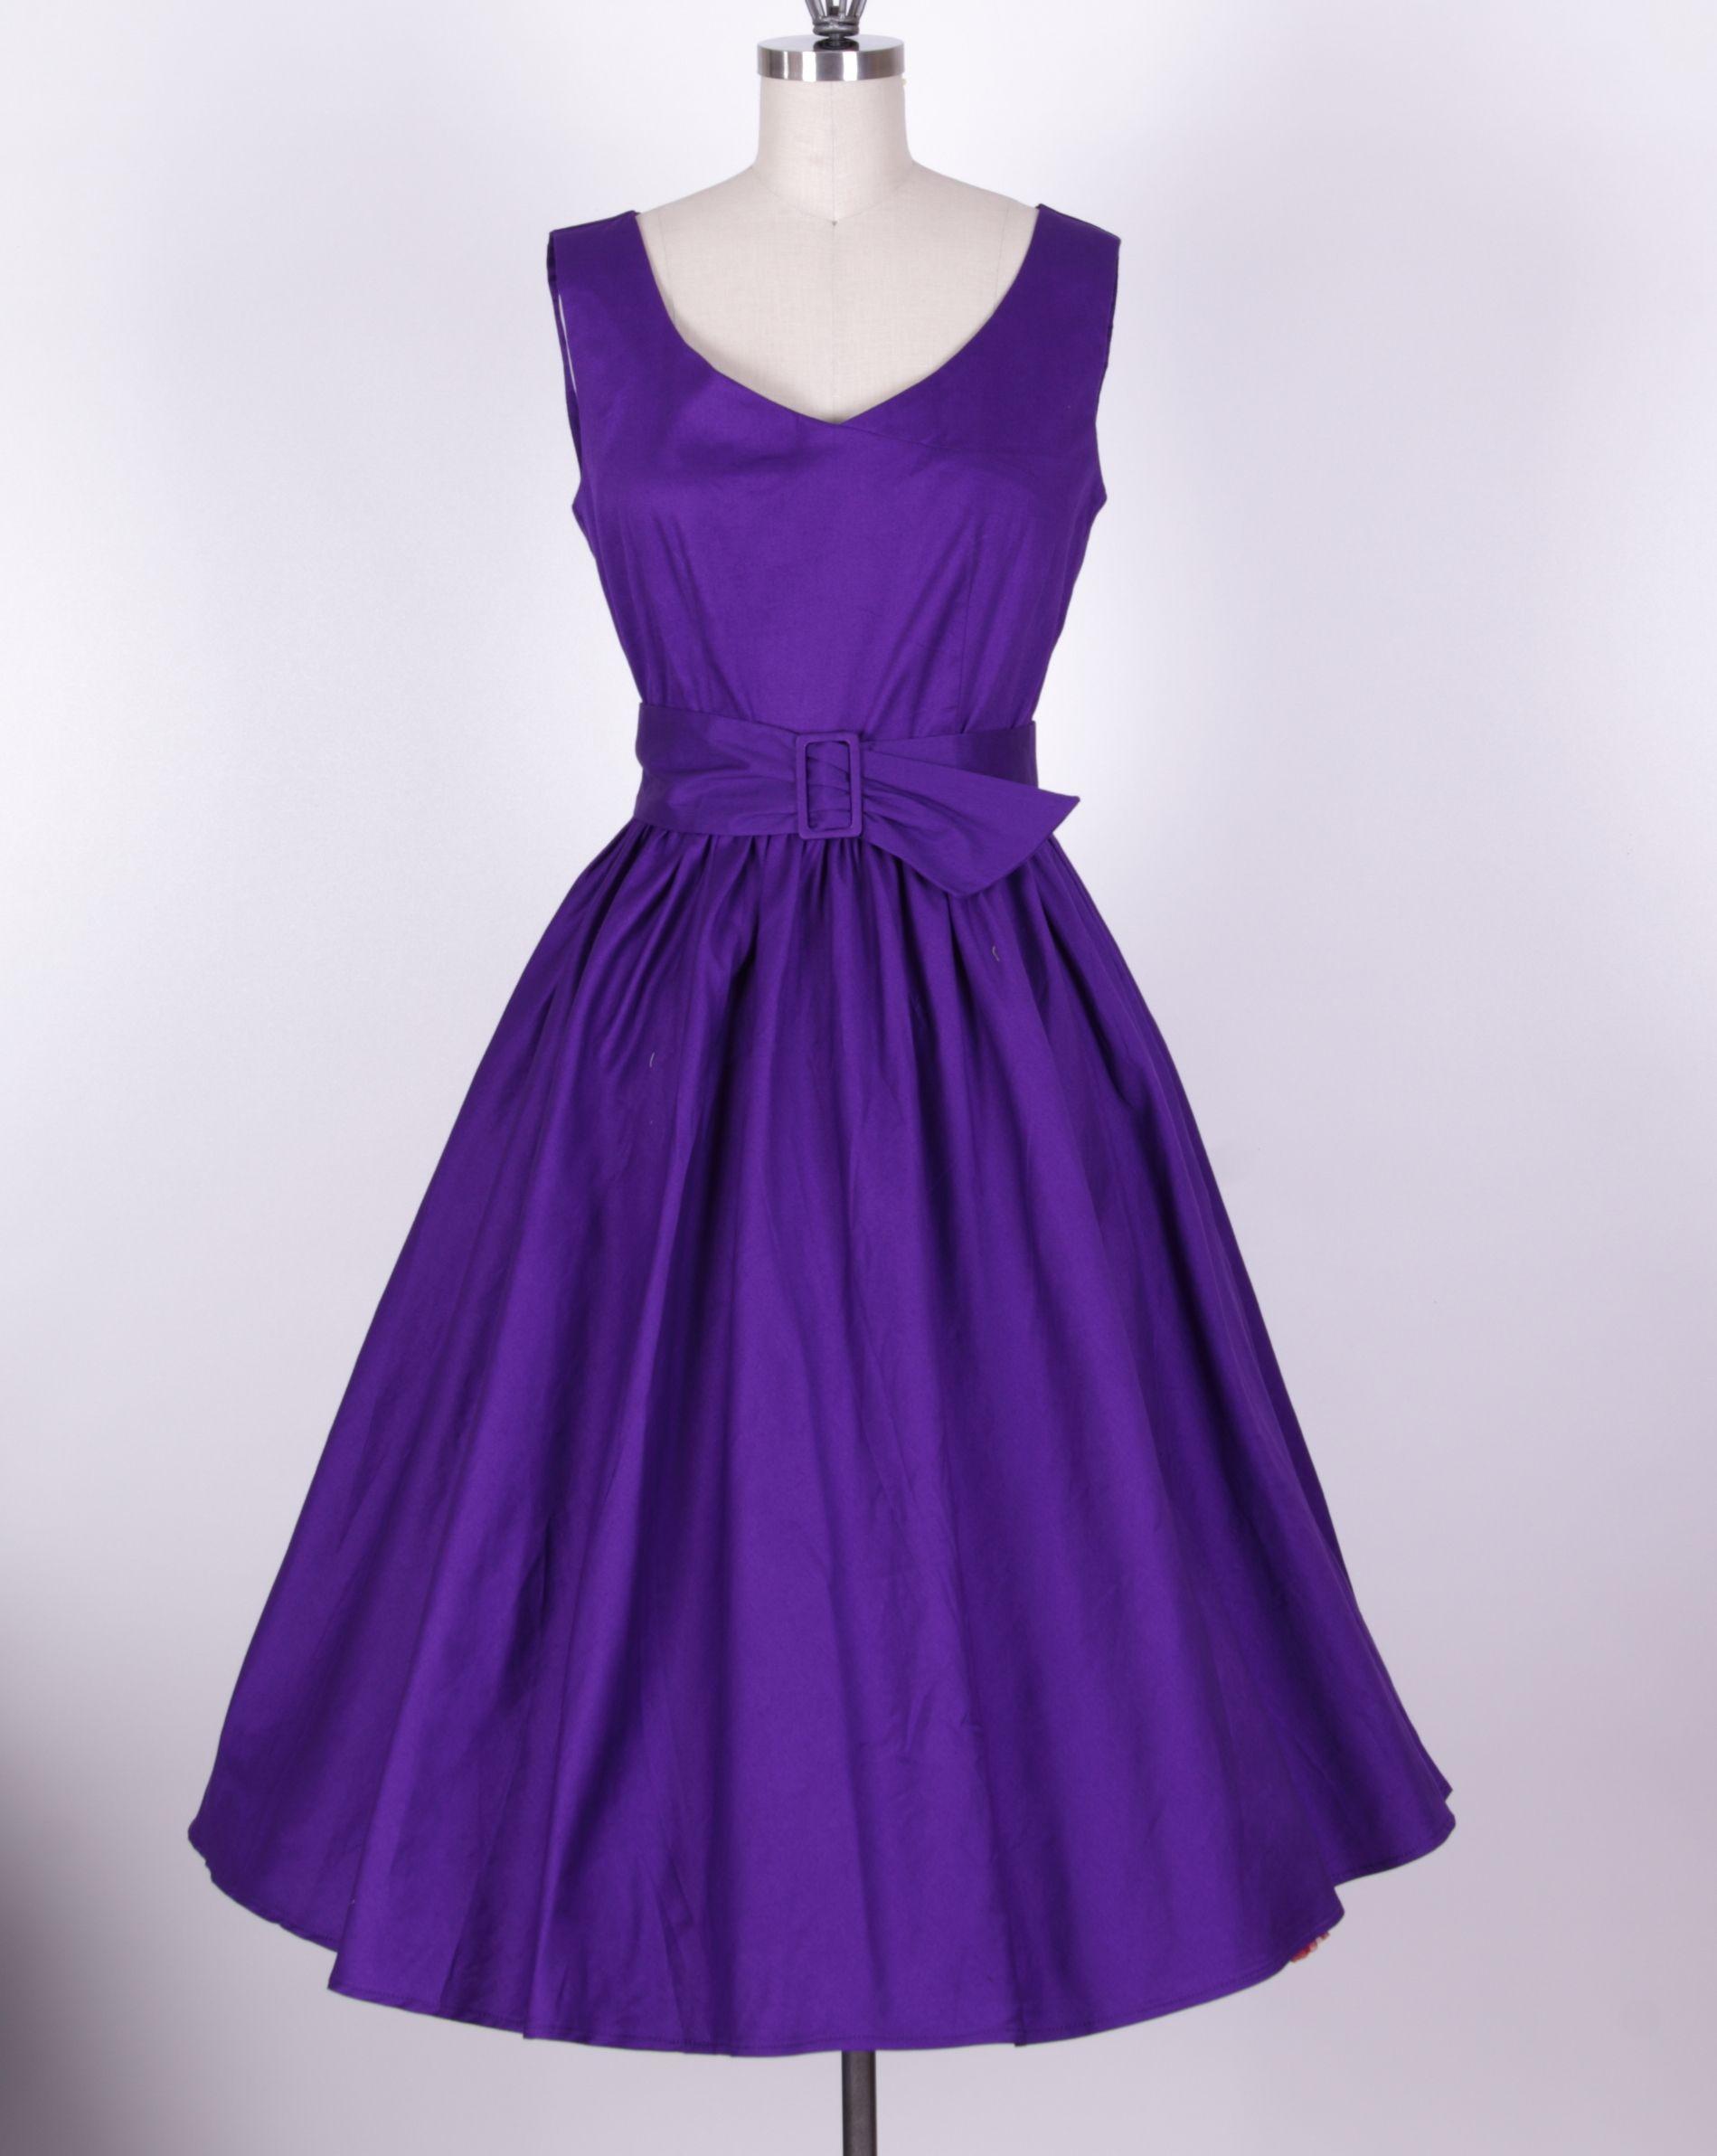 purple+bridesmaid+dresses | ... dress 8247 50s vintage black swing ...